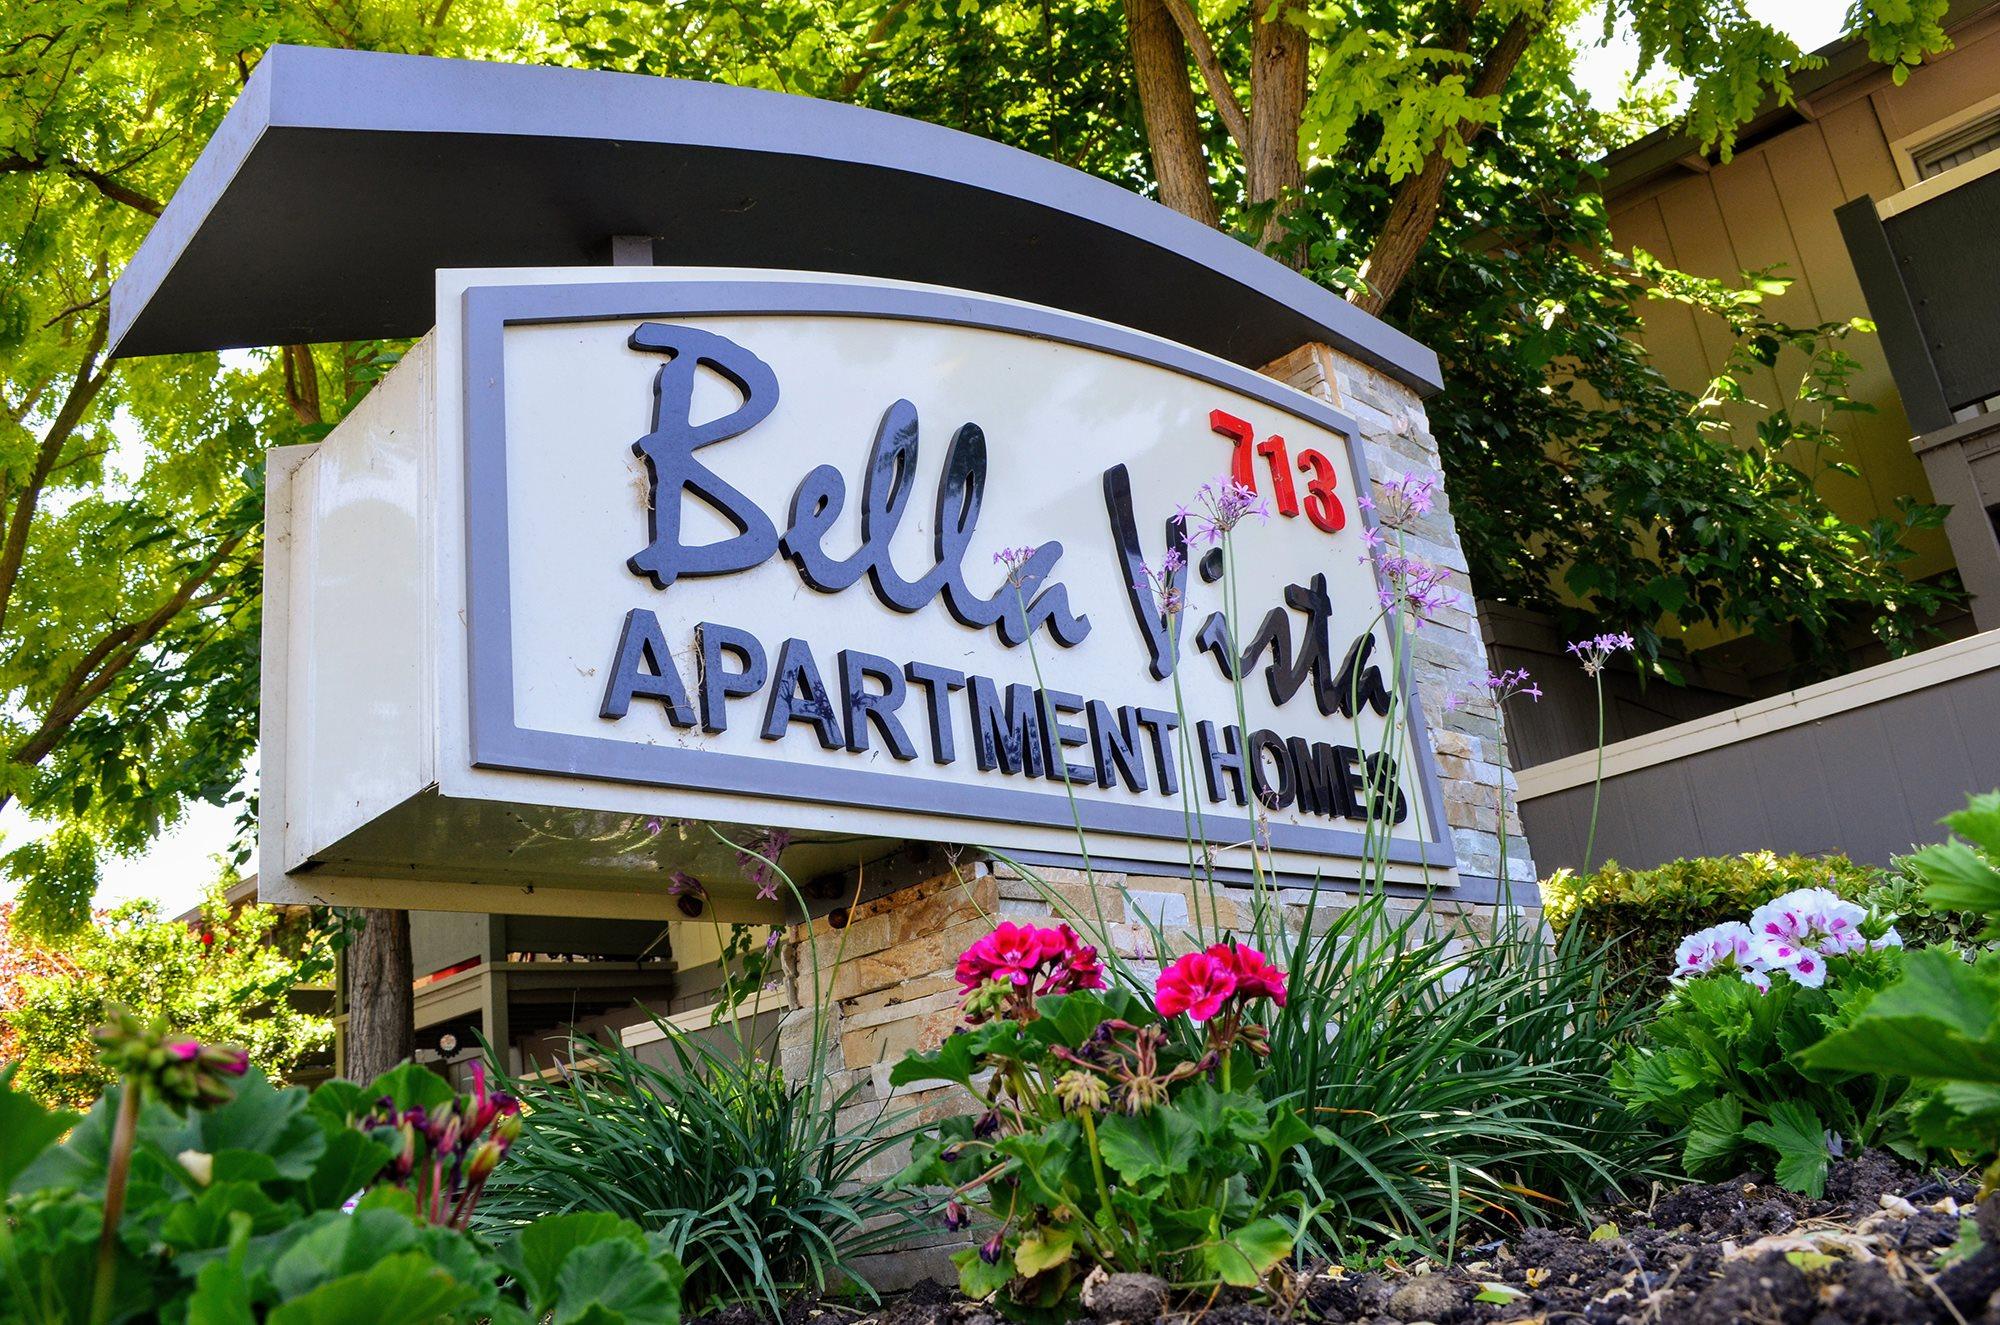 Bella Vista Apartment Homes Signage, 713 Trancas Street  Napa